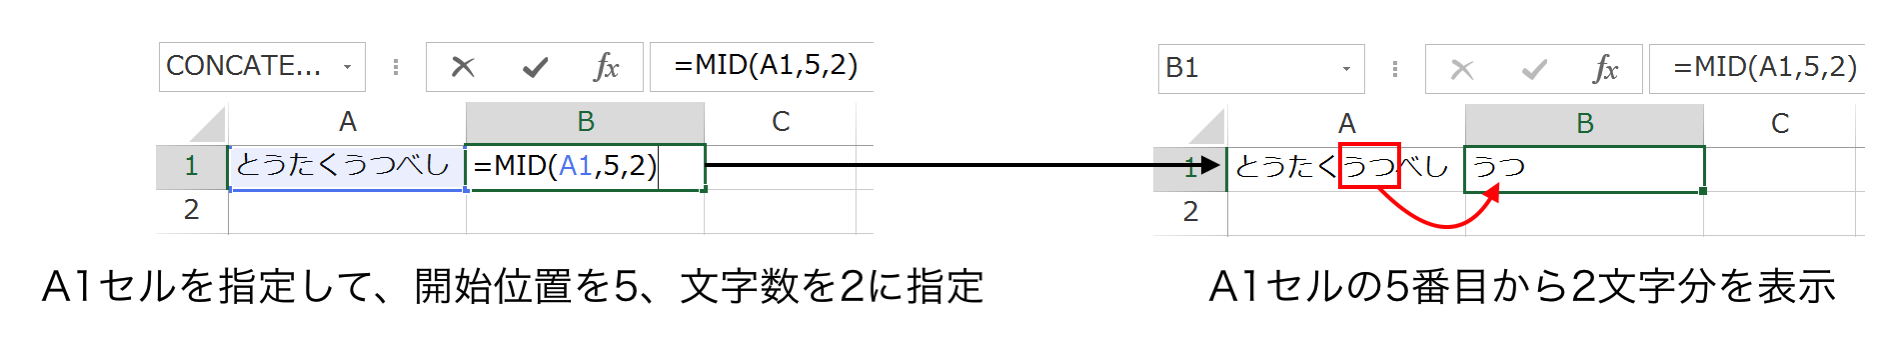 スクリーンショット 2017 04 18 21 38 07